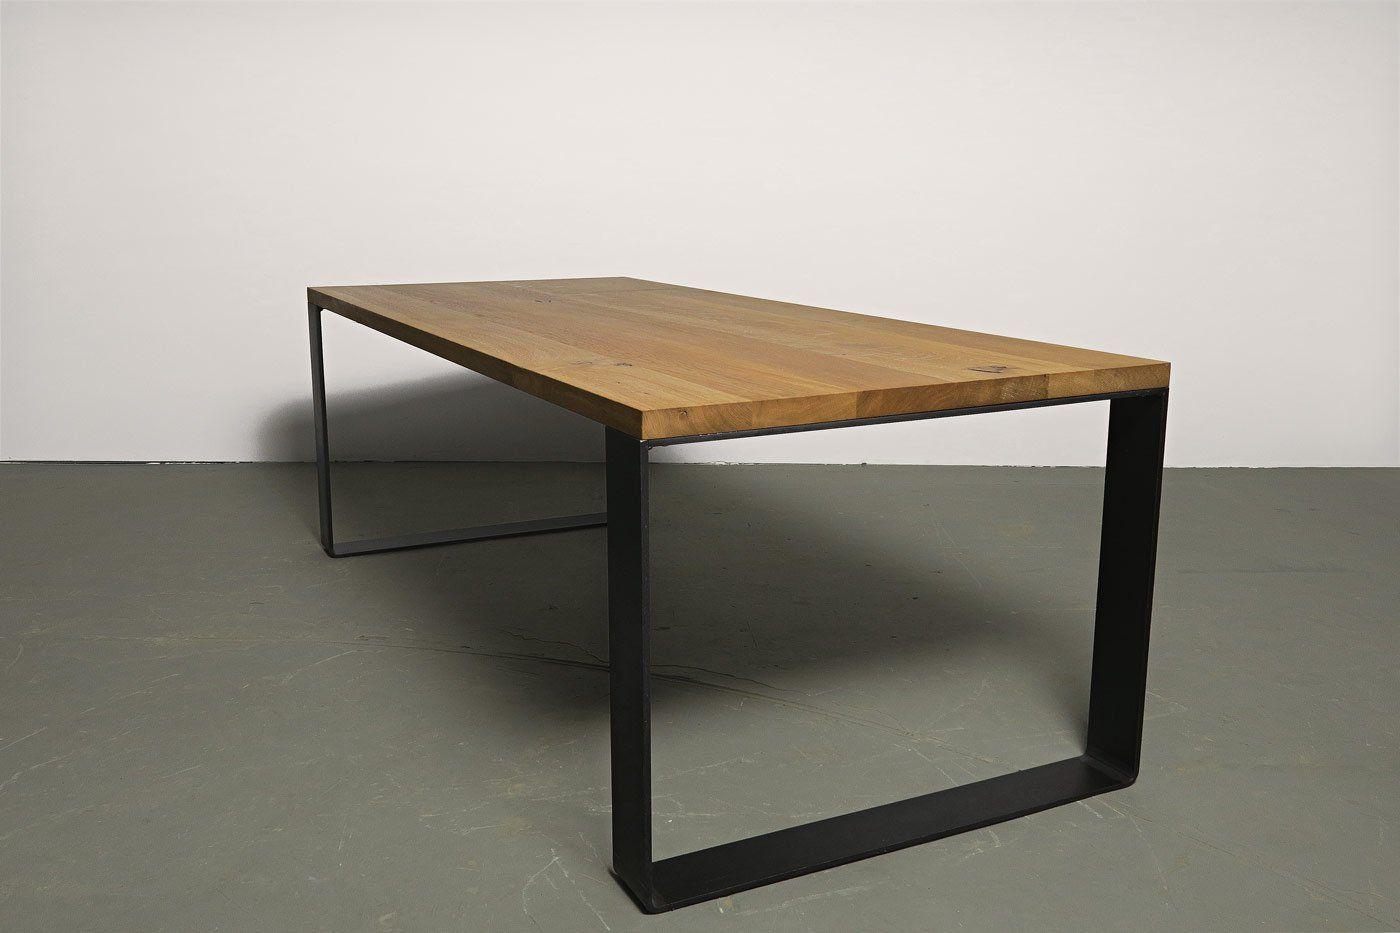 Kufenesstisch Moss 10 Eiche Massivholz Wohnsektion Massivholztisch Esstisch Tisch